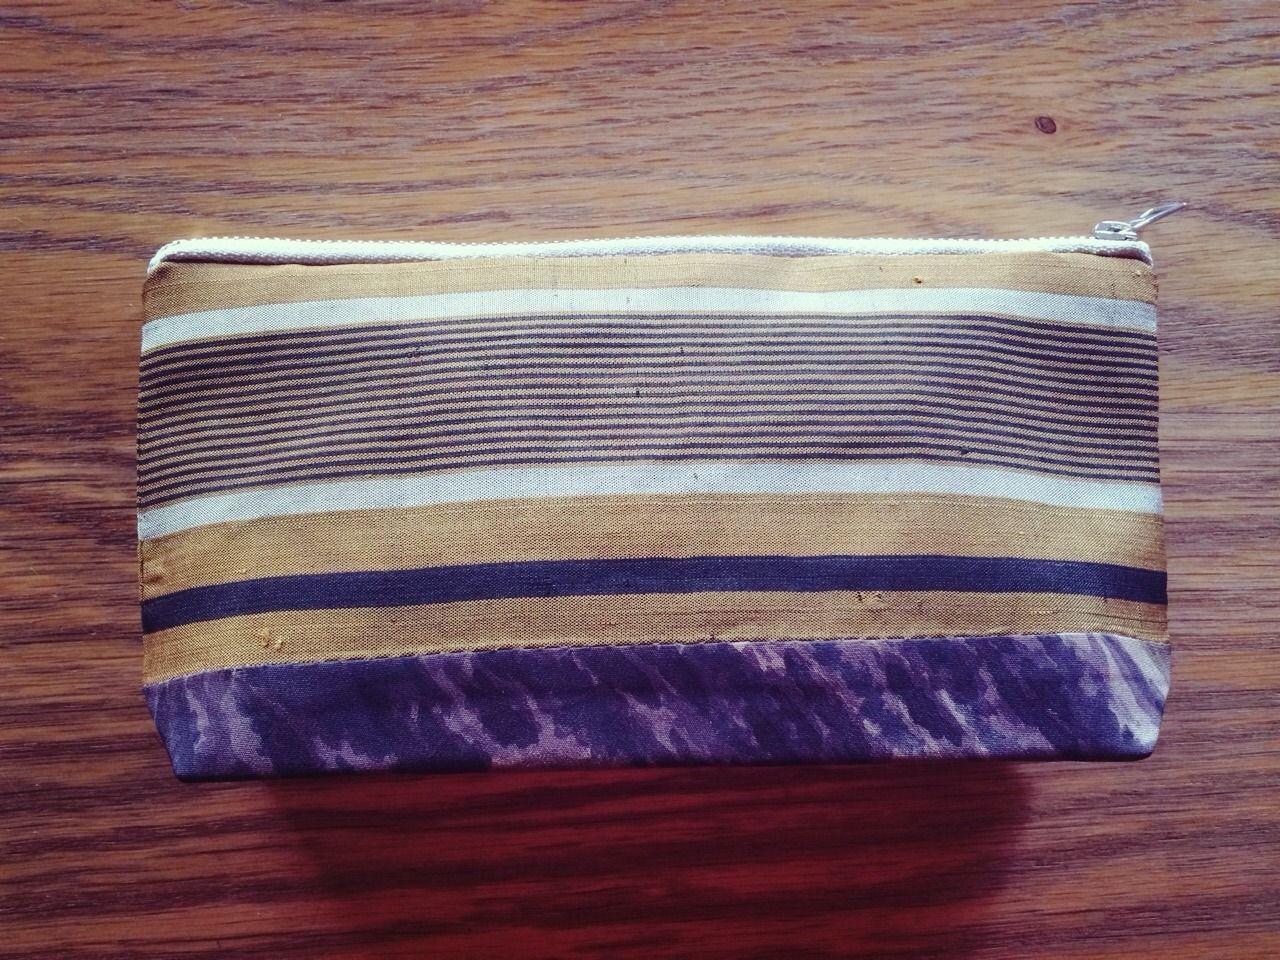 渋めの縞文様と山水画の八掛を組み合わせたシックなポーチ裏布は芥子色で表とのコントラストが楽しいですペンケースにも使えますNet shop Price全体約110mm×205mm襠(マチ)400mm洗濯不可リサイクル着物で製作しています経年劣化、保管時のヤケやシミ等がある場合がございます洗濯済みですが気になる方はご遠慮ください